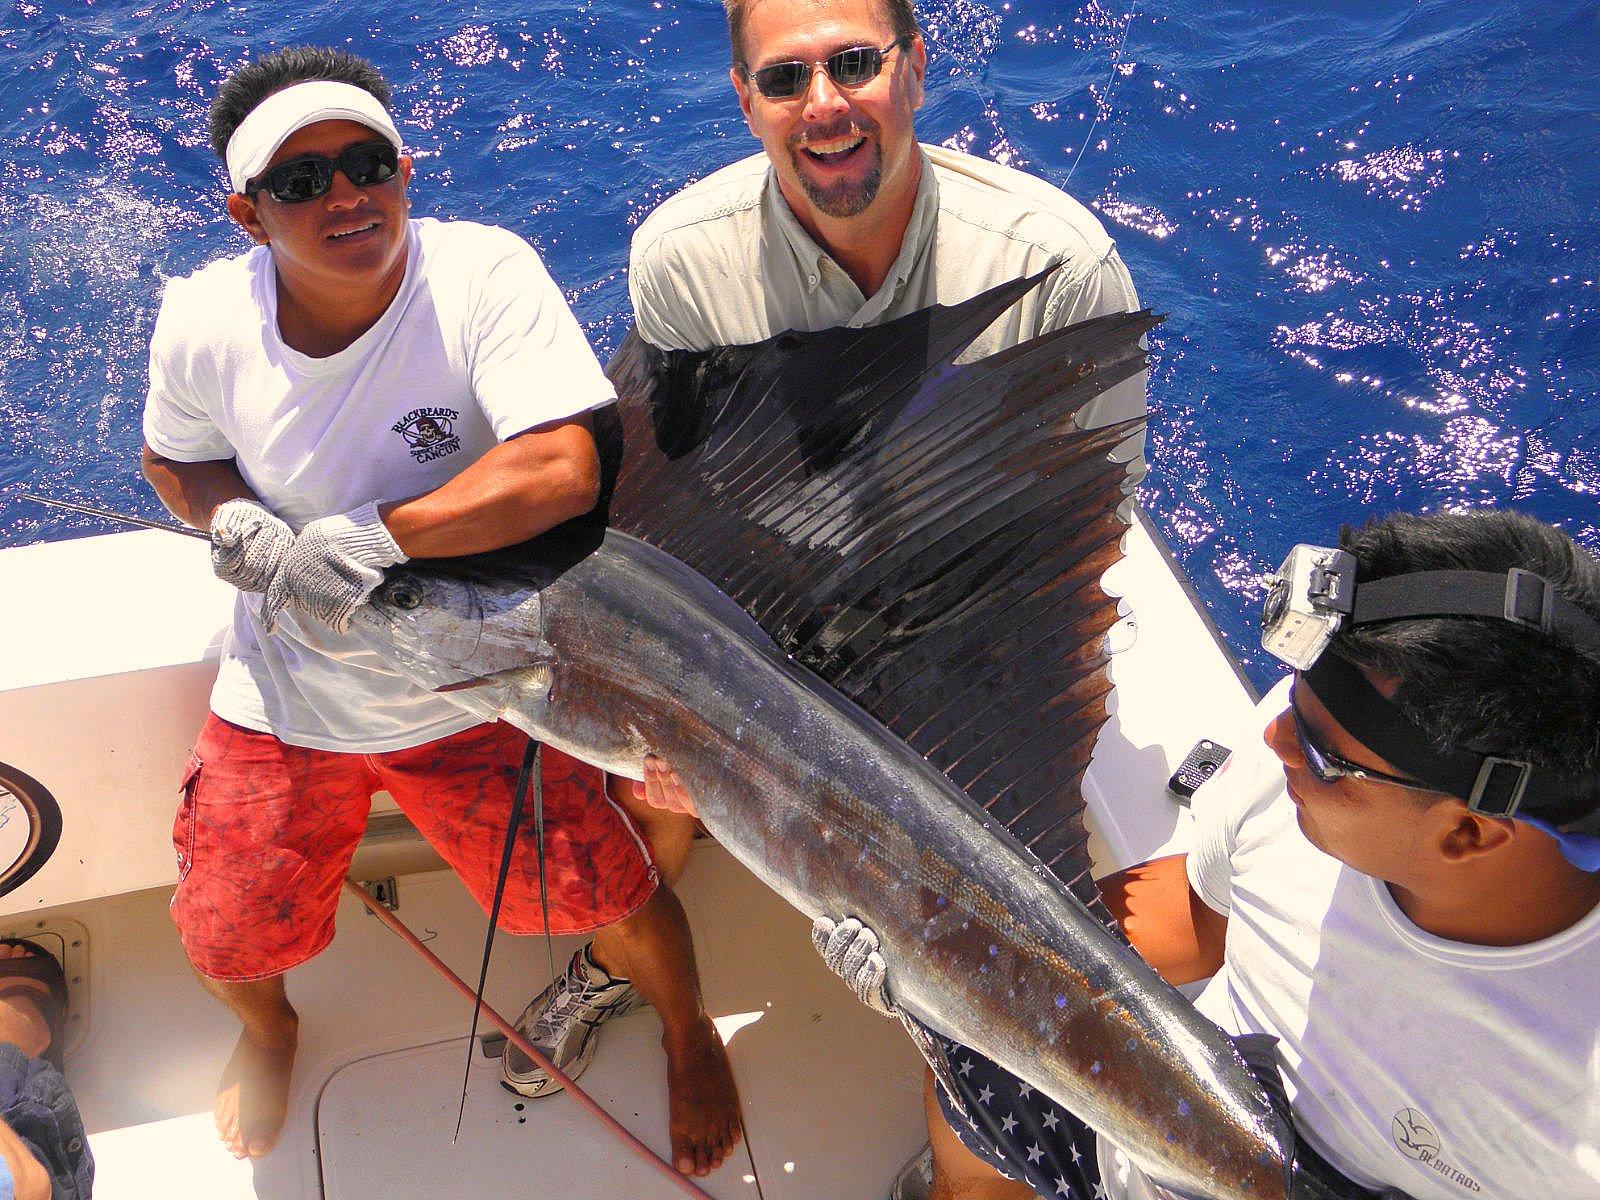 cancun fishing report kianahs Virtual fishing report cancun  Sail fishing report ...